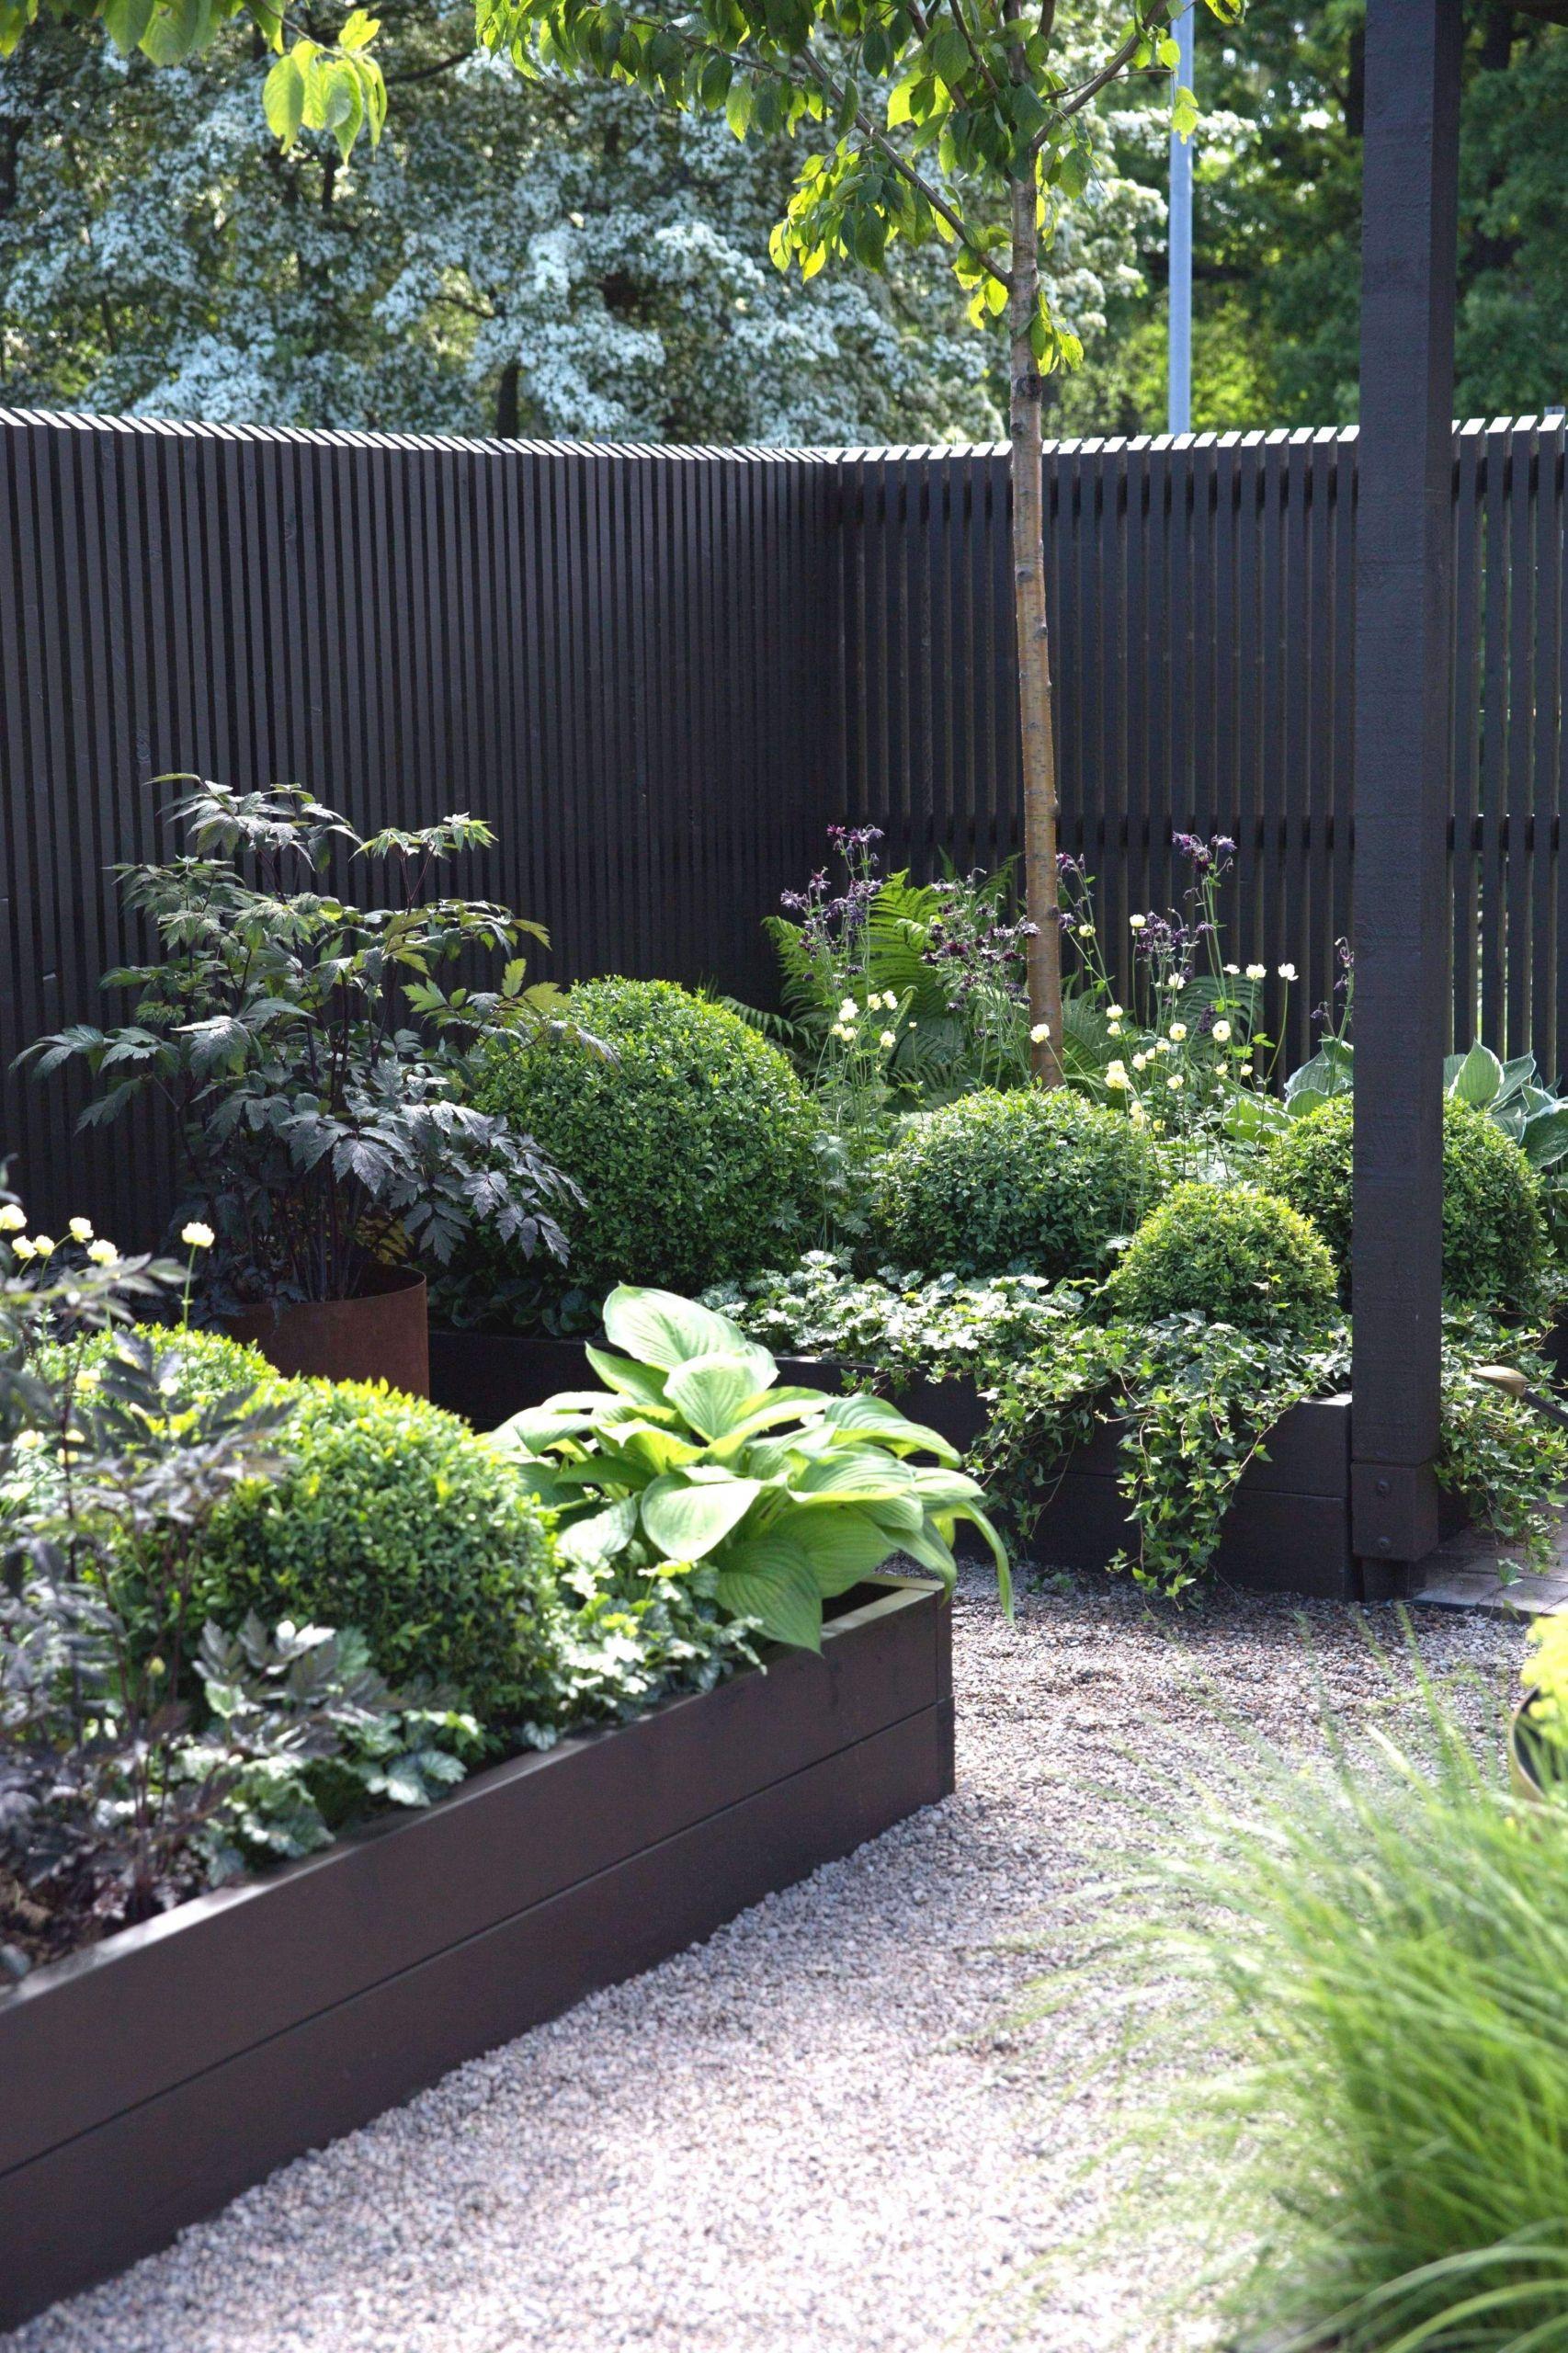 kleiner garten einzigartig vorgarten ideen 0d archives maisonbonte kleinen vorgarten gestalten kleinen vorgarten gestalten